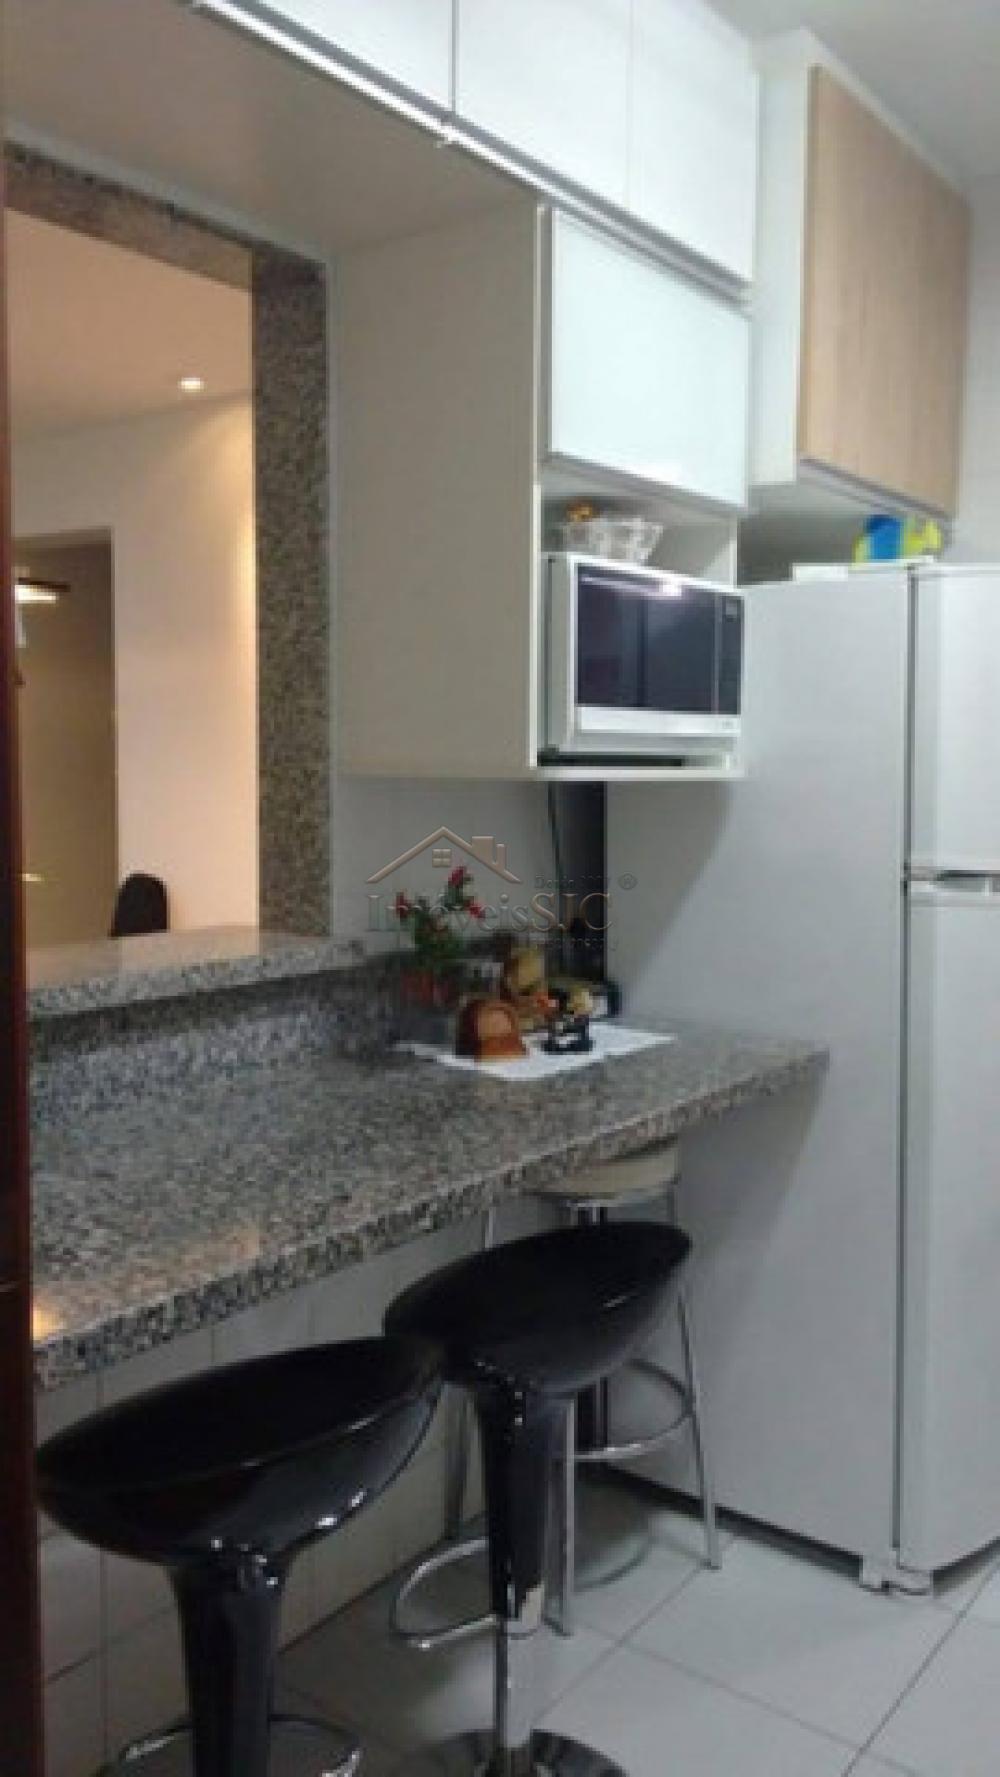 Comprar Apartamentos / Padrão em São José dos Campos apenas R$ 447.000,00 - Foto 4